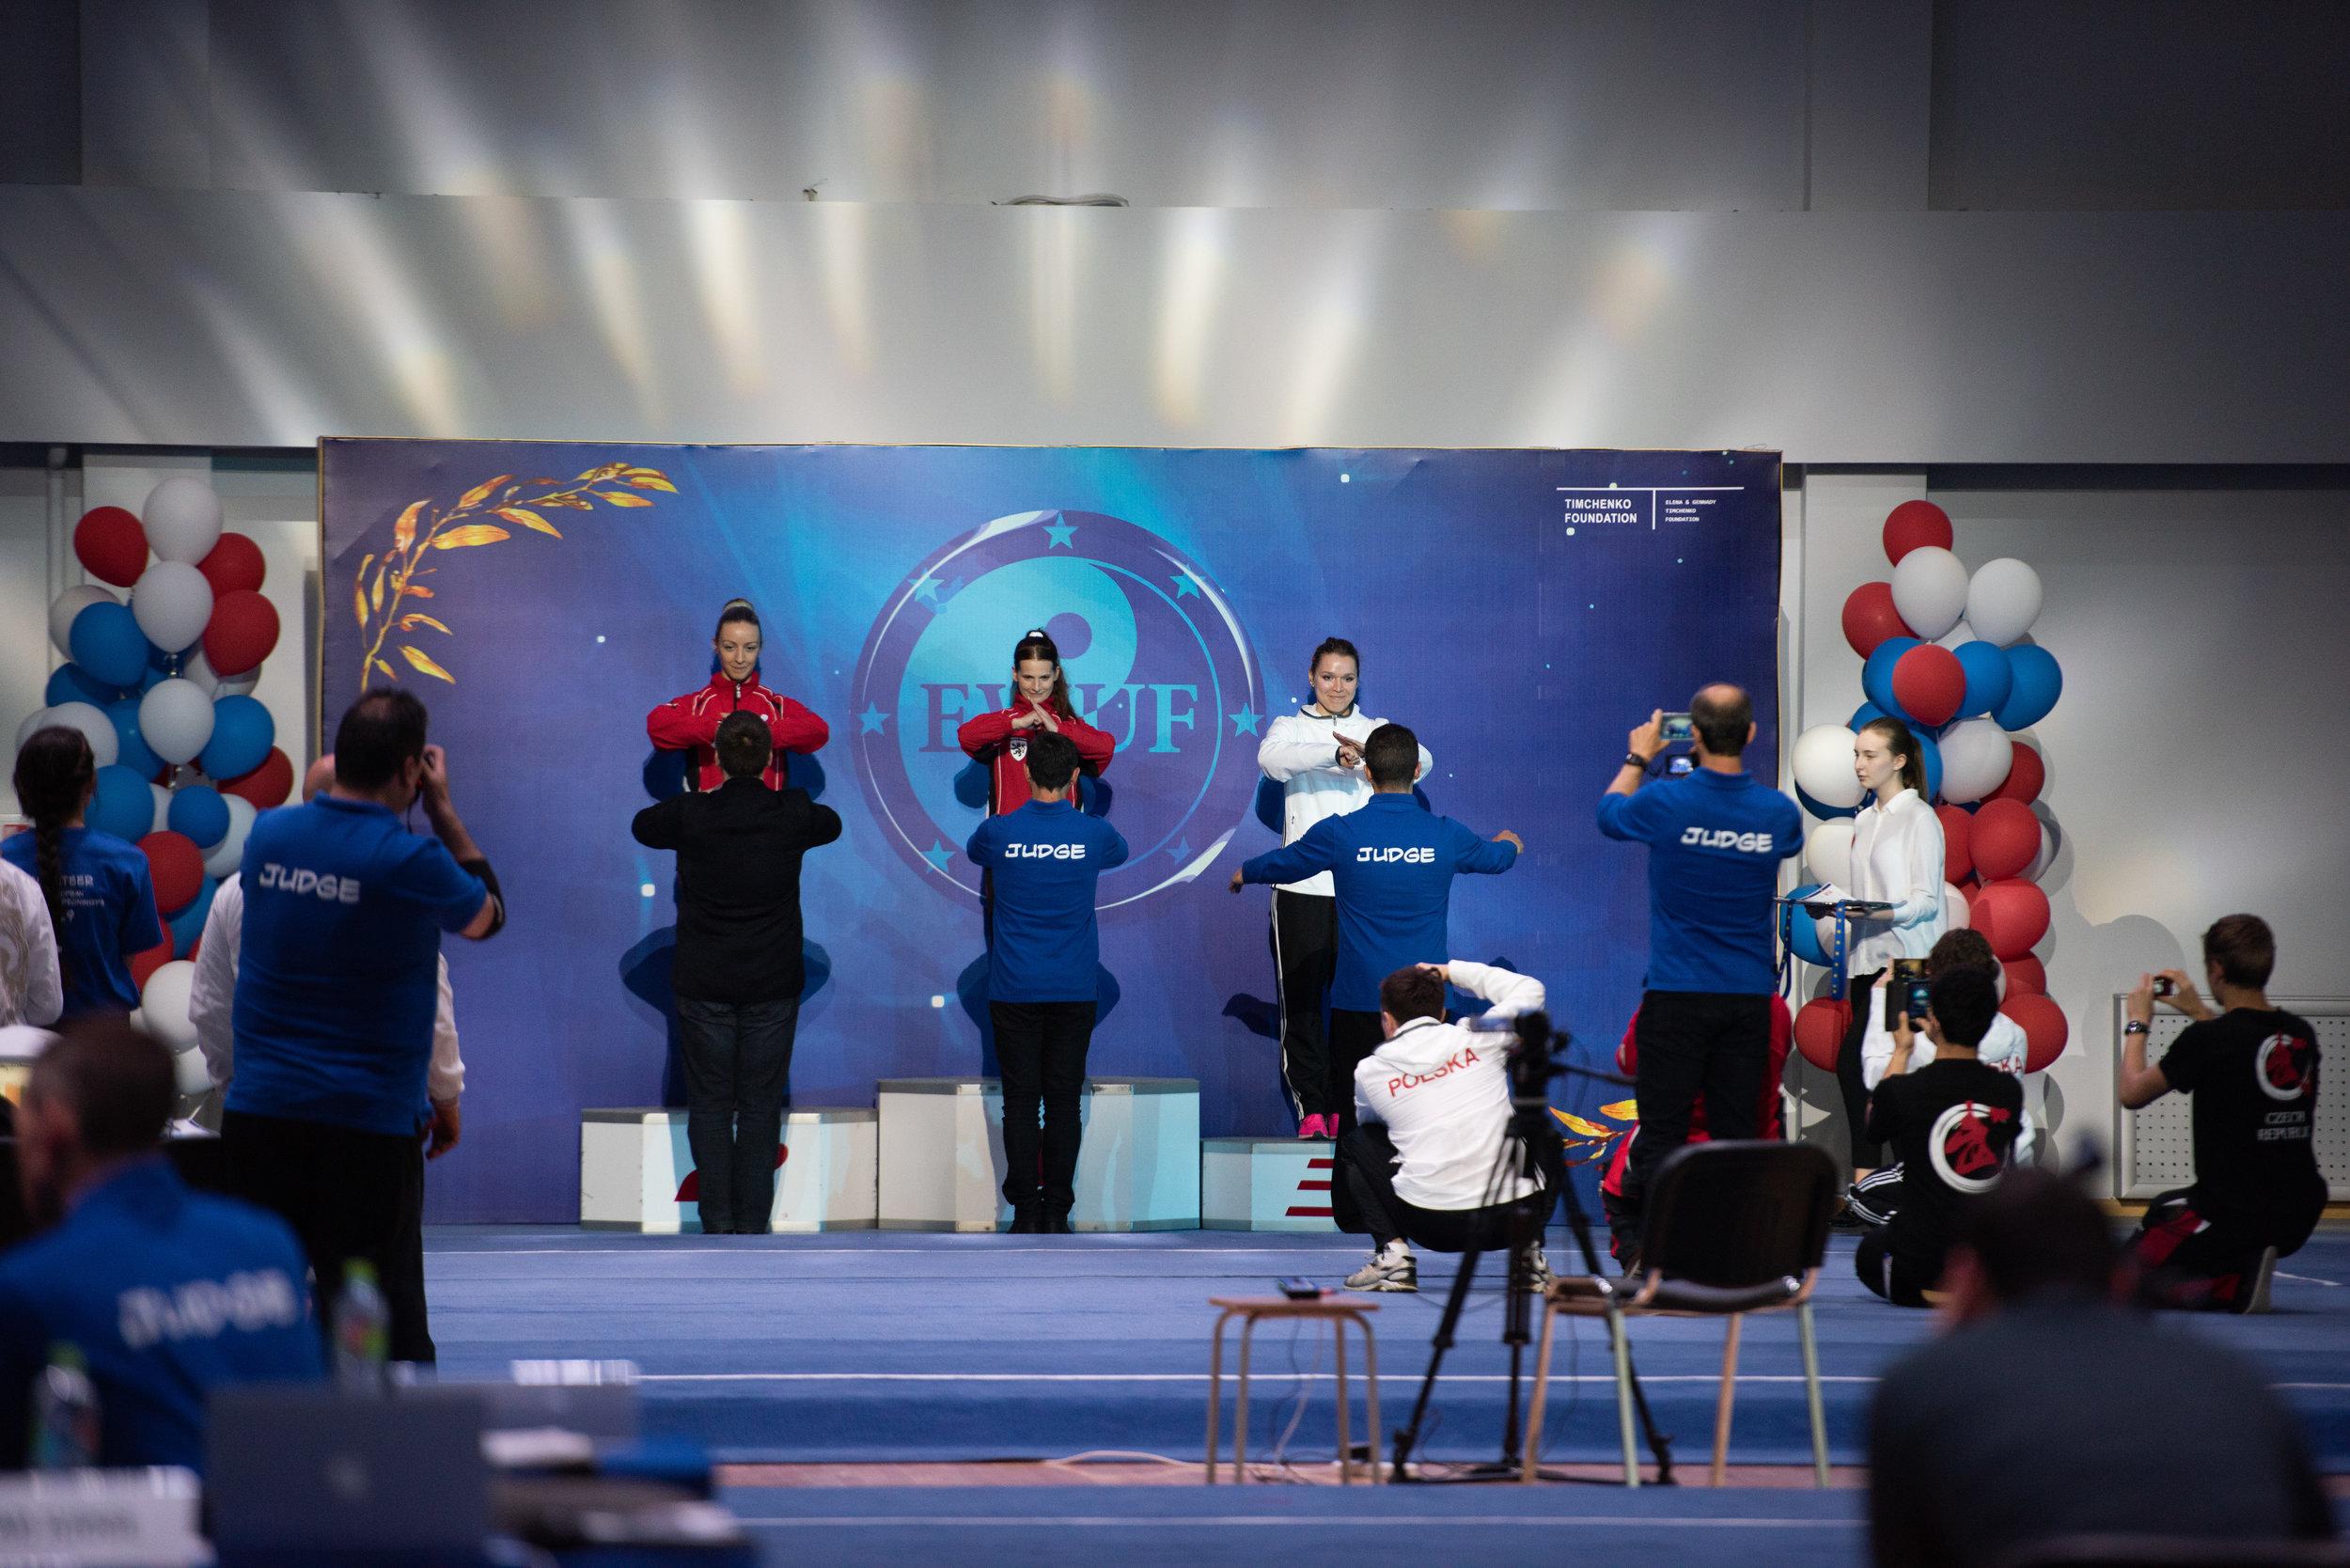 Dekoracja podczas 5 Mistrzostw Europy Wushu Tradycyjnego (2018)